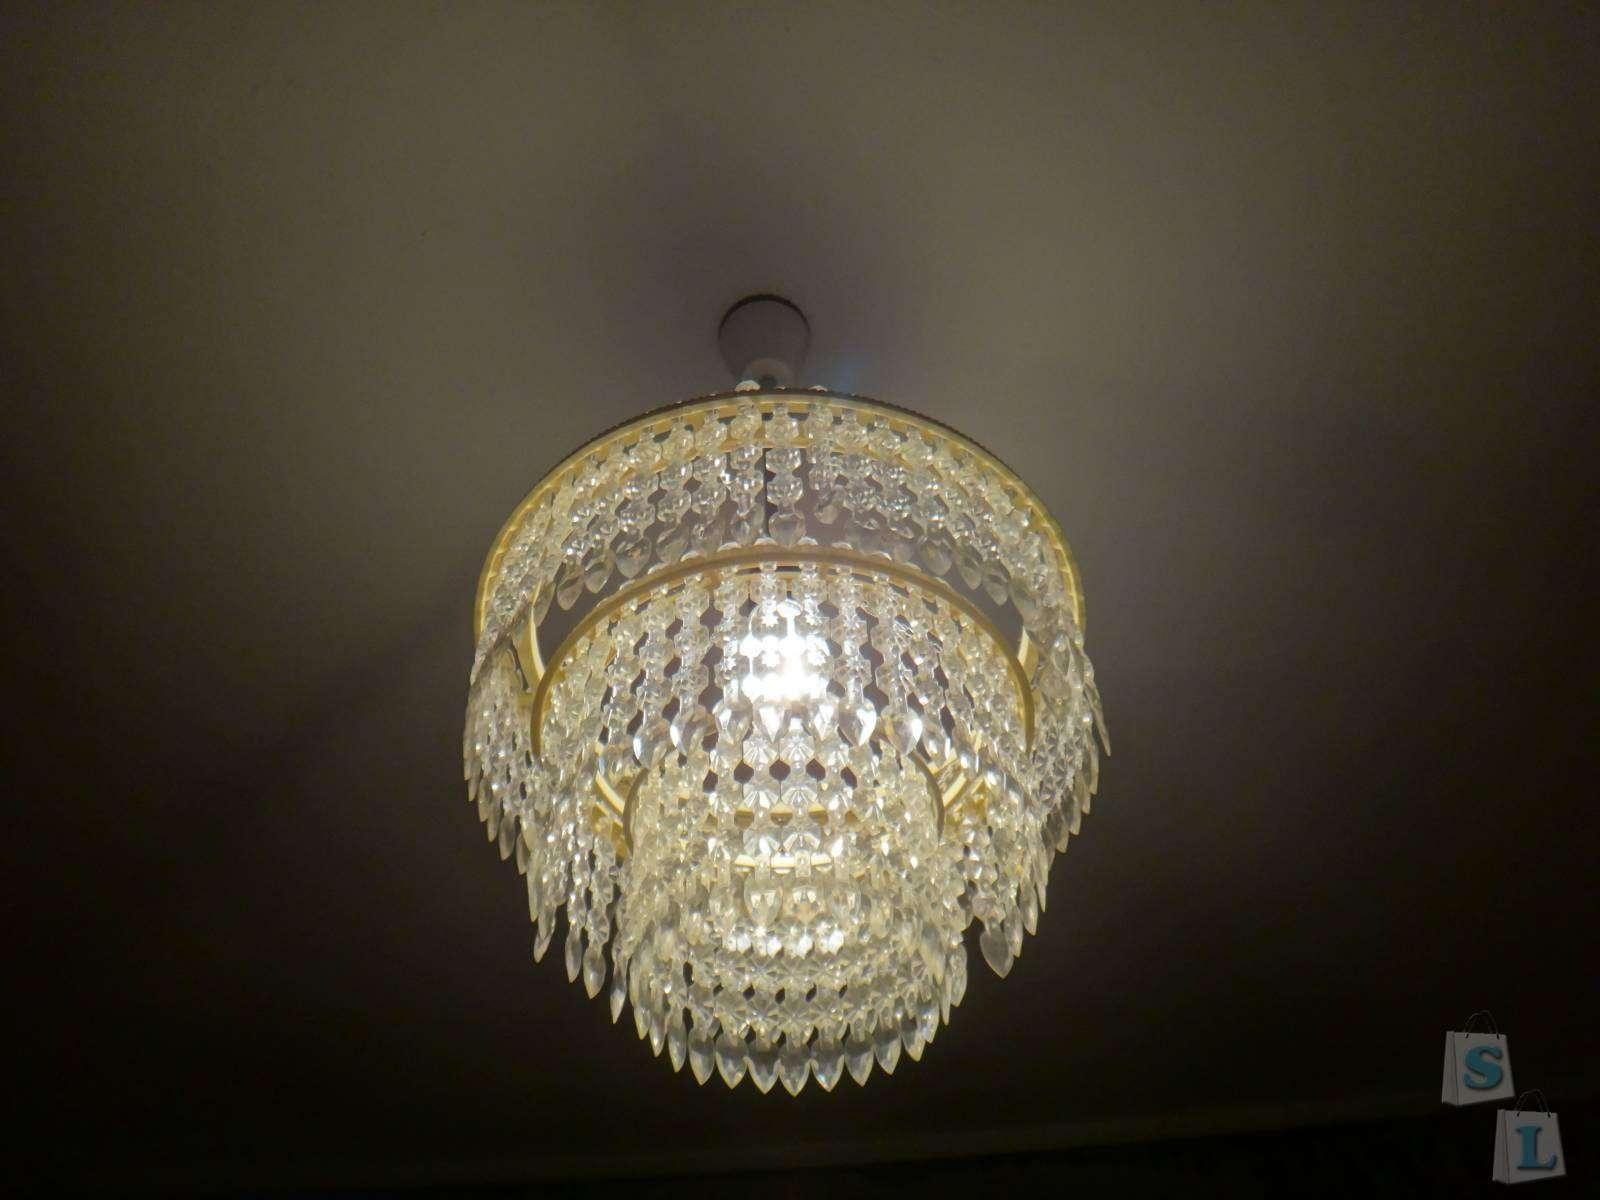 GearBest: Огромная LED лампочка для детской комнаты кукуруза 2400Lm 35W E27 165 LED